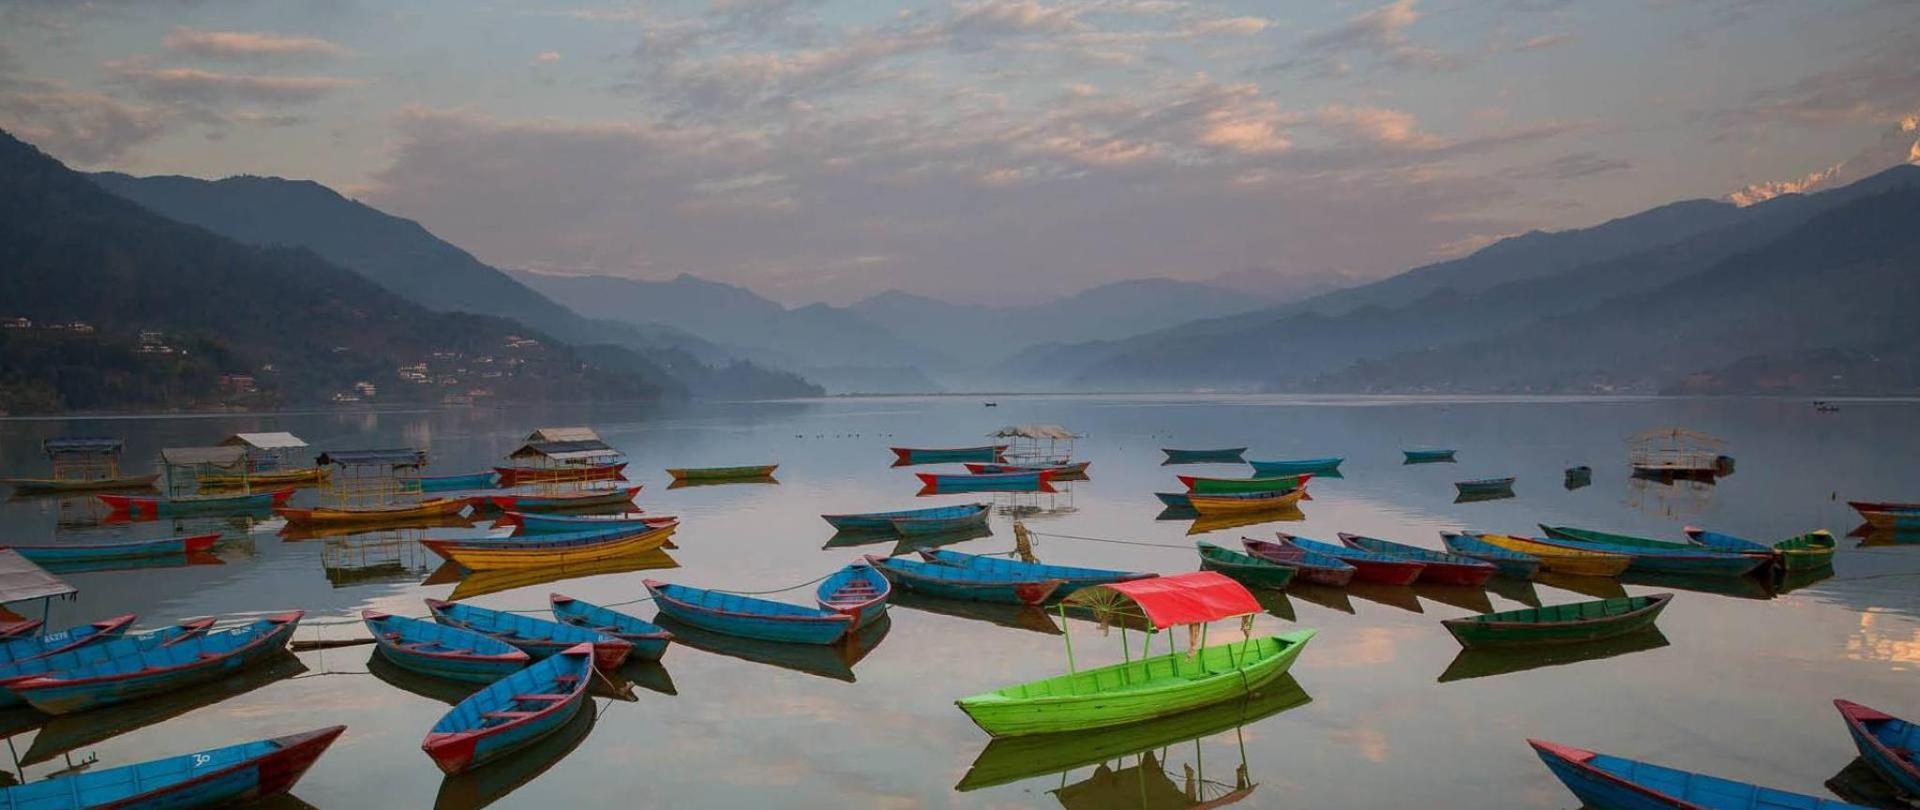 Phewa-Lake-Pokhara-Nepal-370705-1920px-16x7 (1).jpg